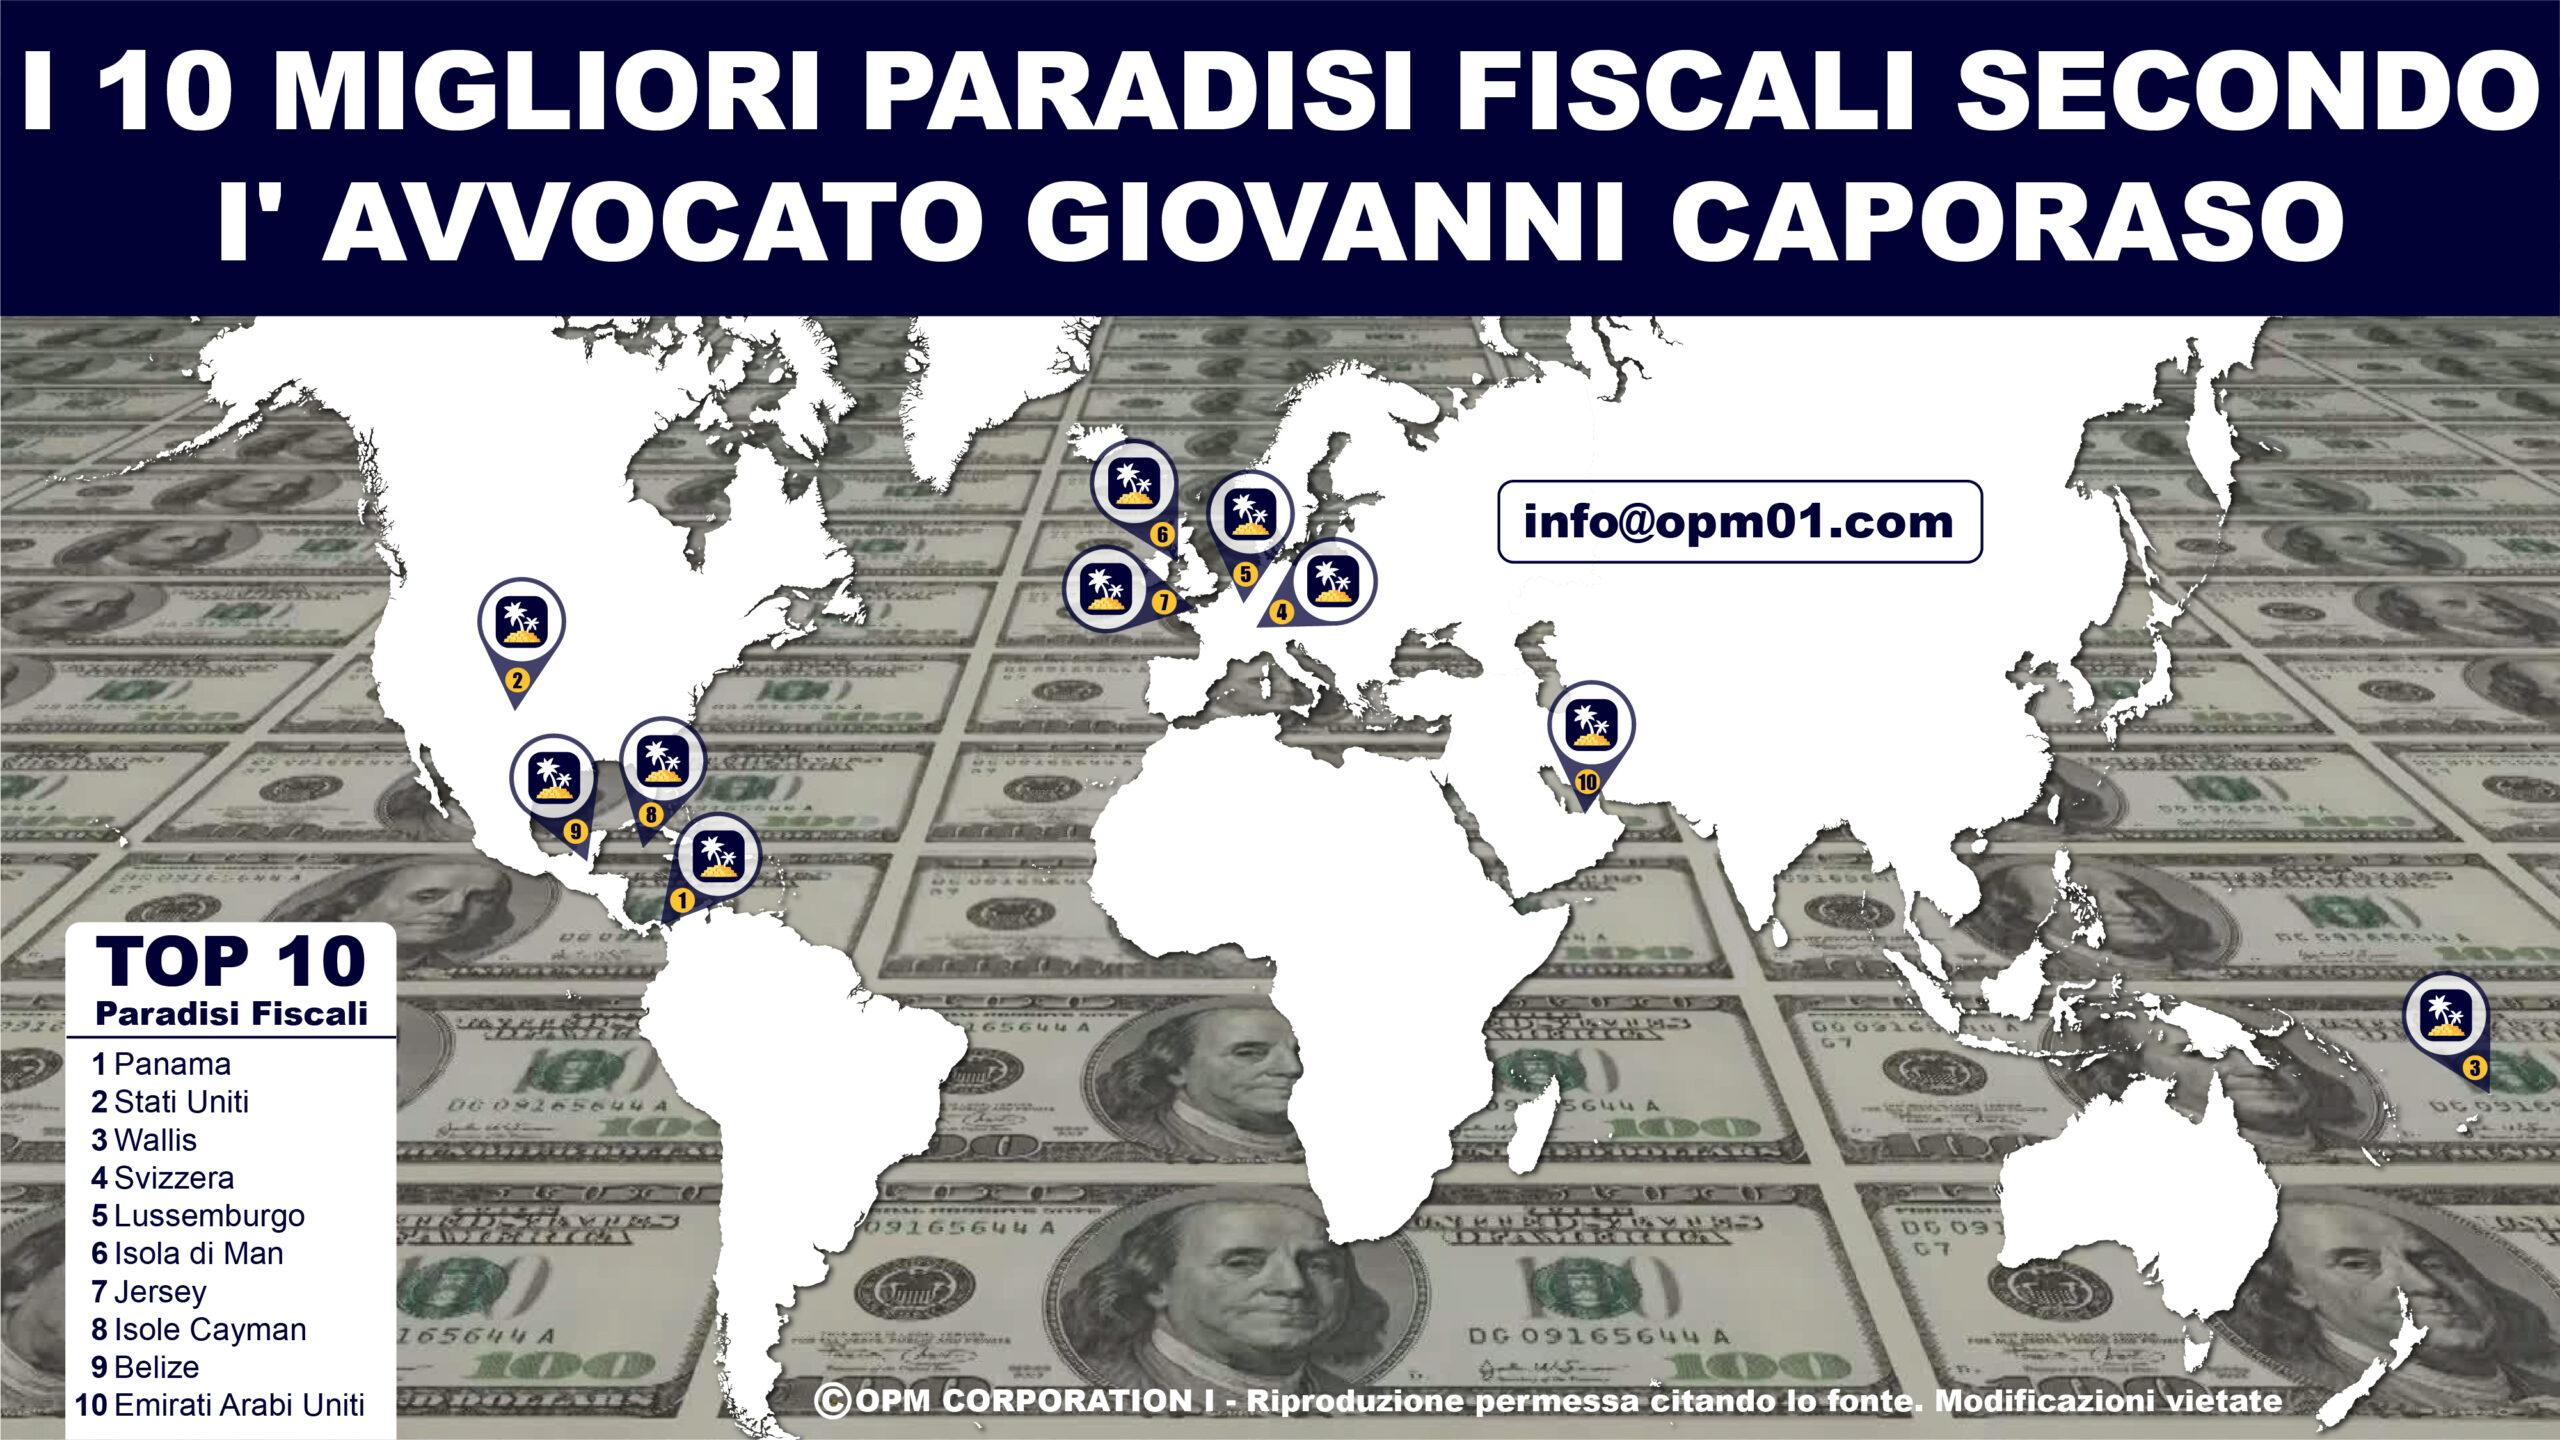 10 migliori paradisi fiscali